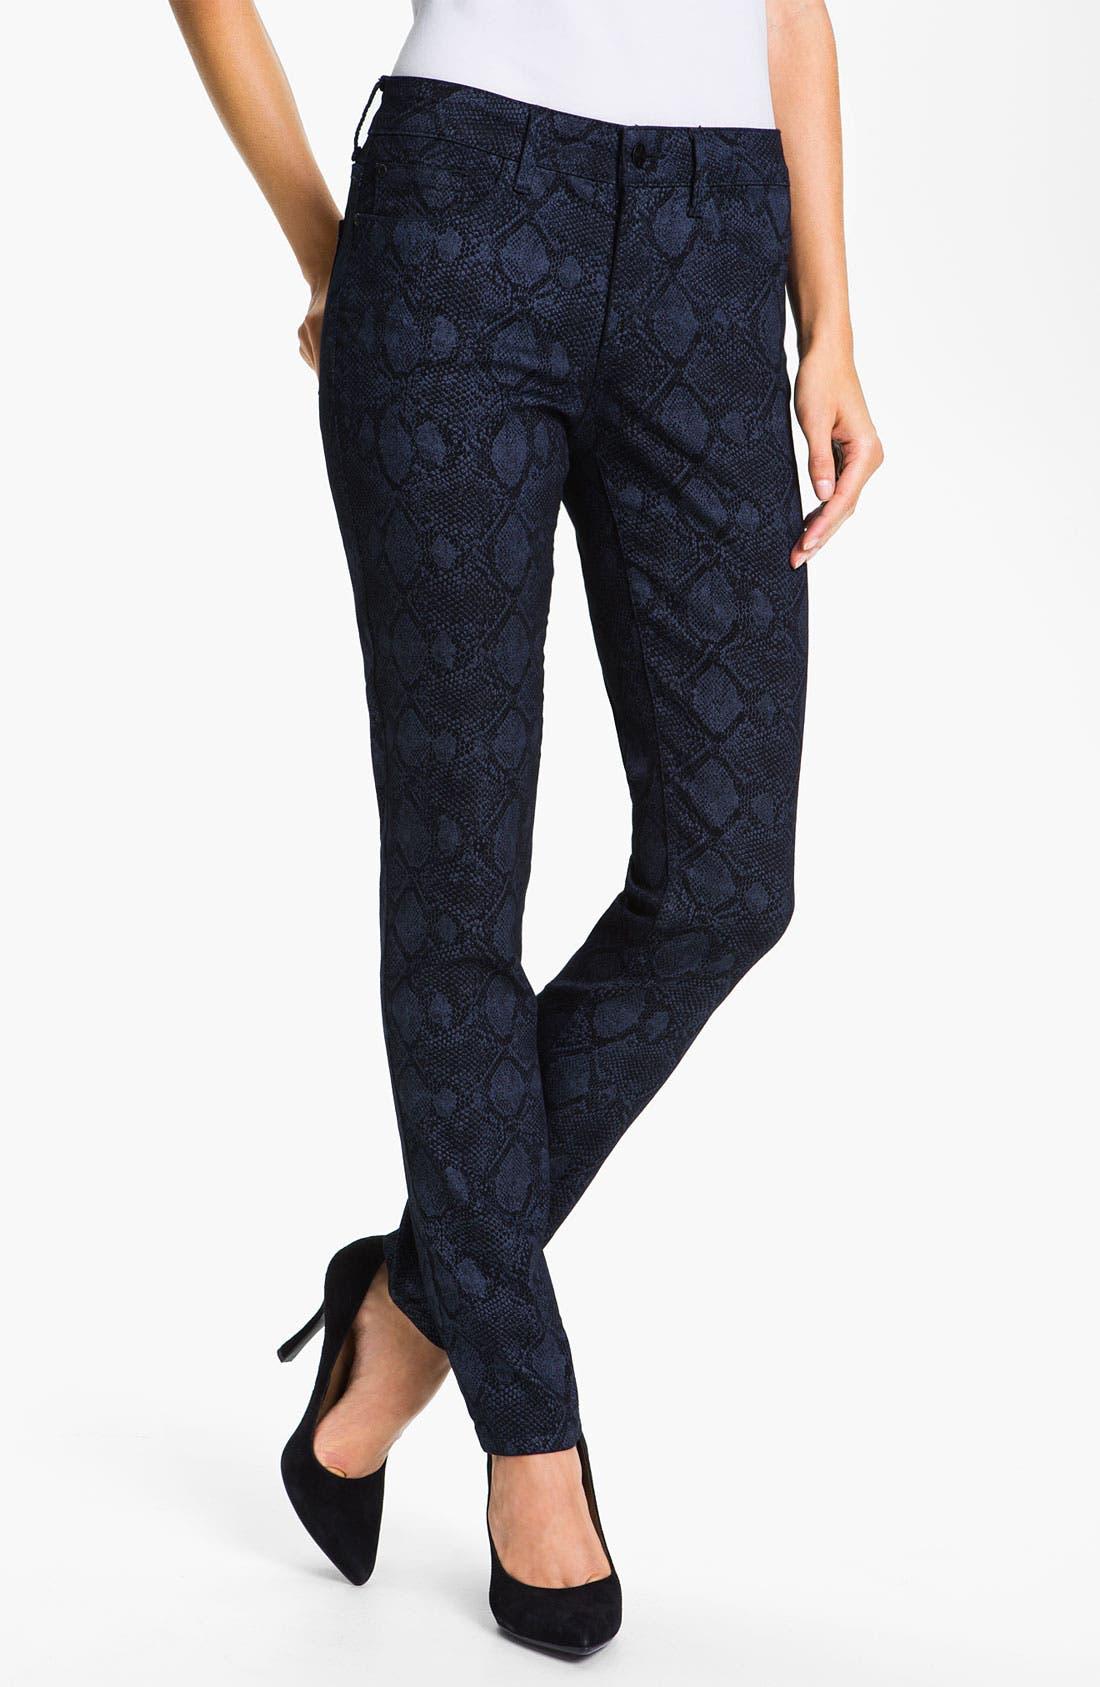 Main Image - NYDJ 'Sheri' Metallic Print Skinny Twill Jeans